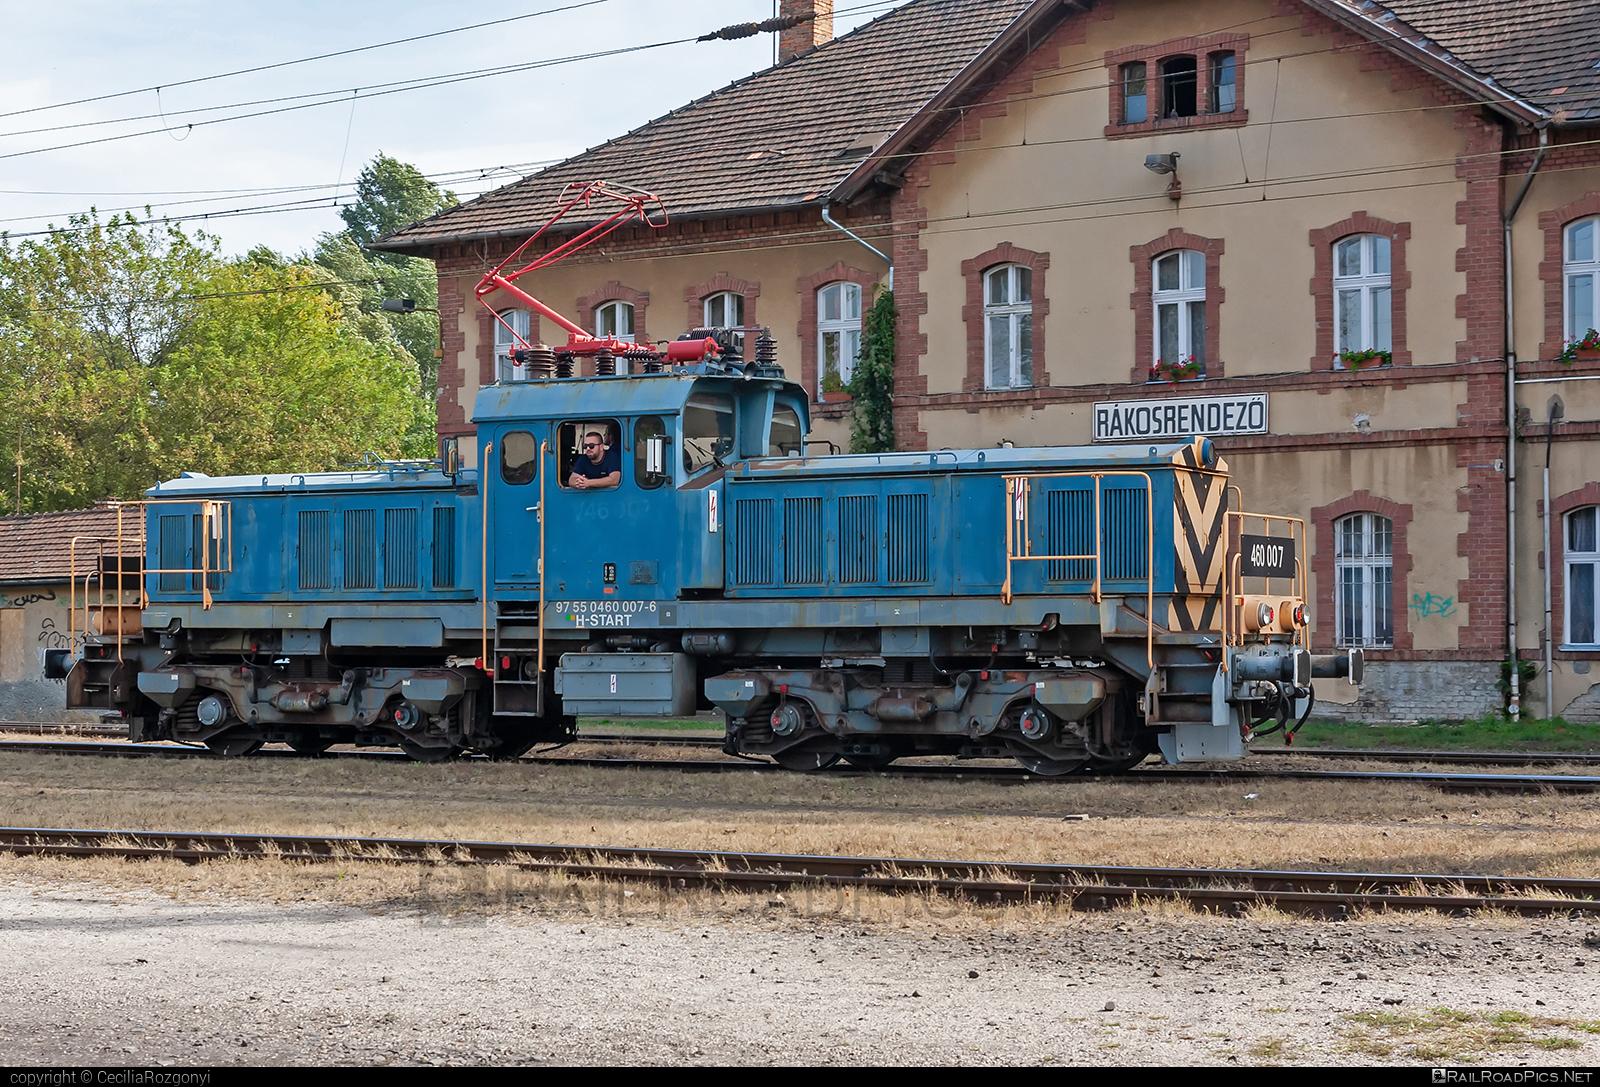 Ganz-MÁVAG VM16-2 - 460 007 operated by MÁV-START ZRt. #ganz46 #ganz460 #ganzmavag #ganzmavag46 #ganzmavag460 #ganzmavagvm162 #mavstart #mavstartzrt #v46locomotive